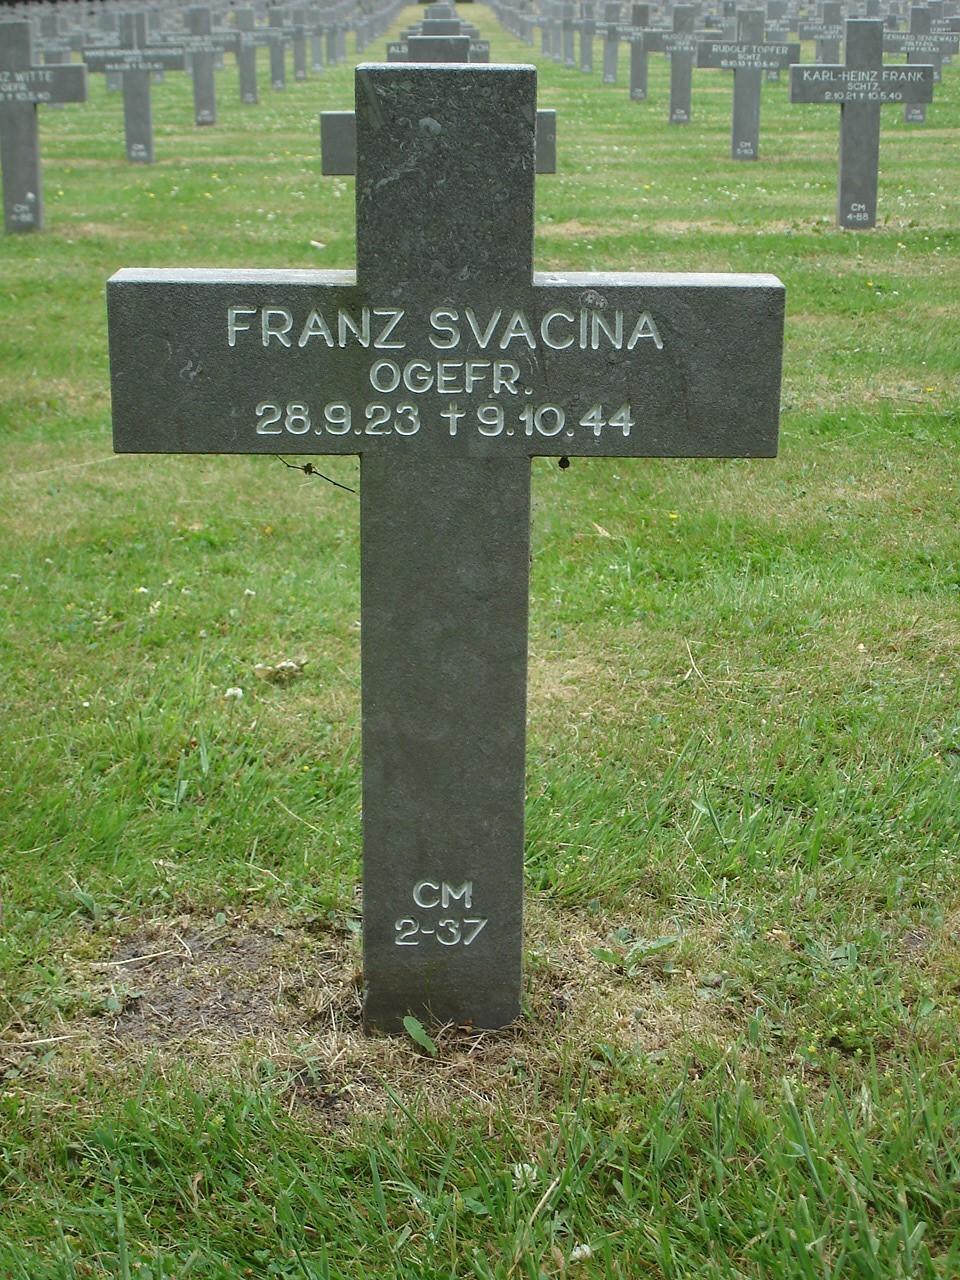 Franz Svacina